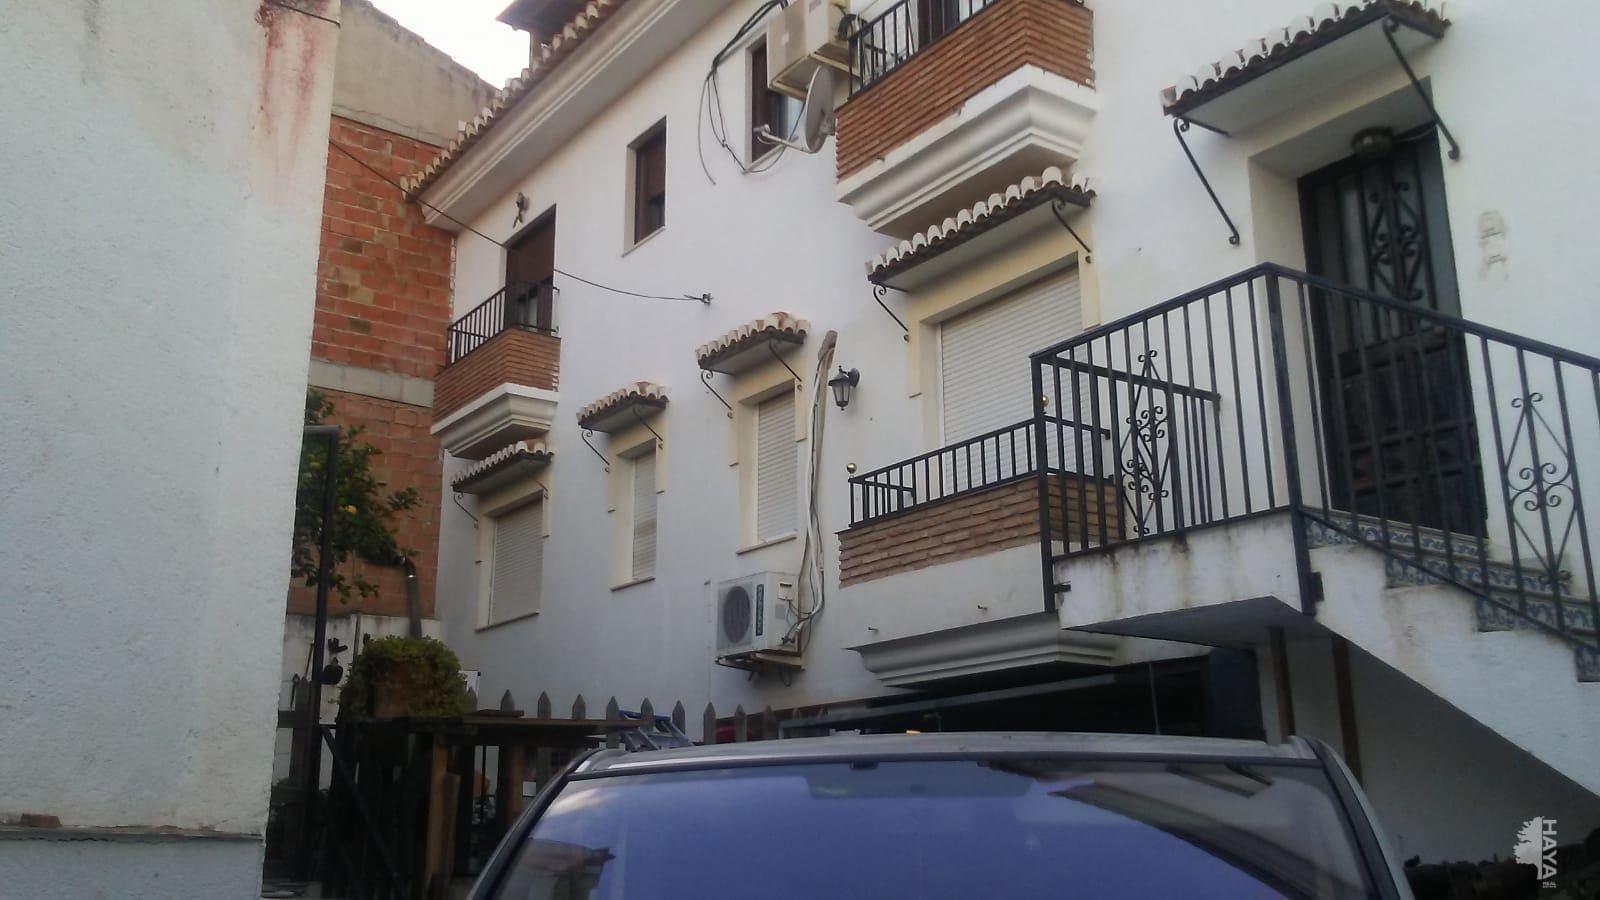 Piso en venta en Villa de Otura, Otura, Granada, Calle Juan Carlos I, 66.000 €, 3 habitaciones, 2 baños, 140 m2